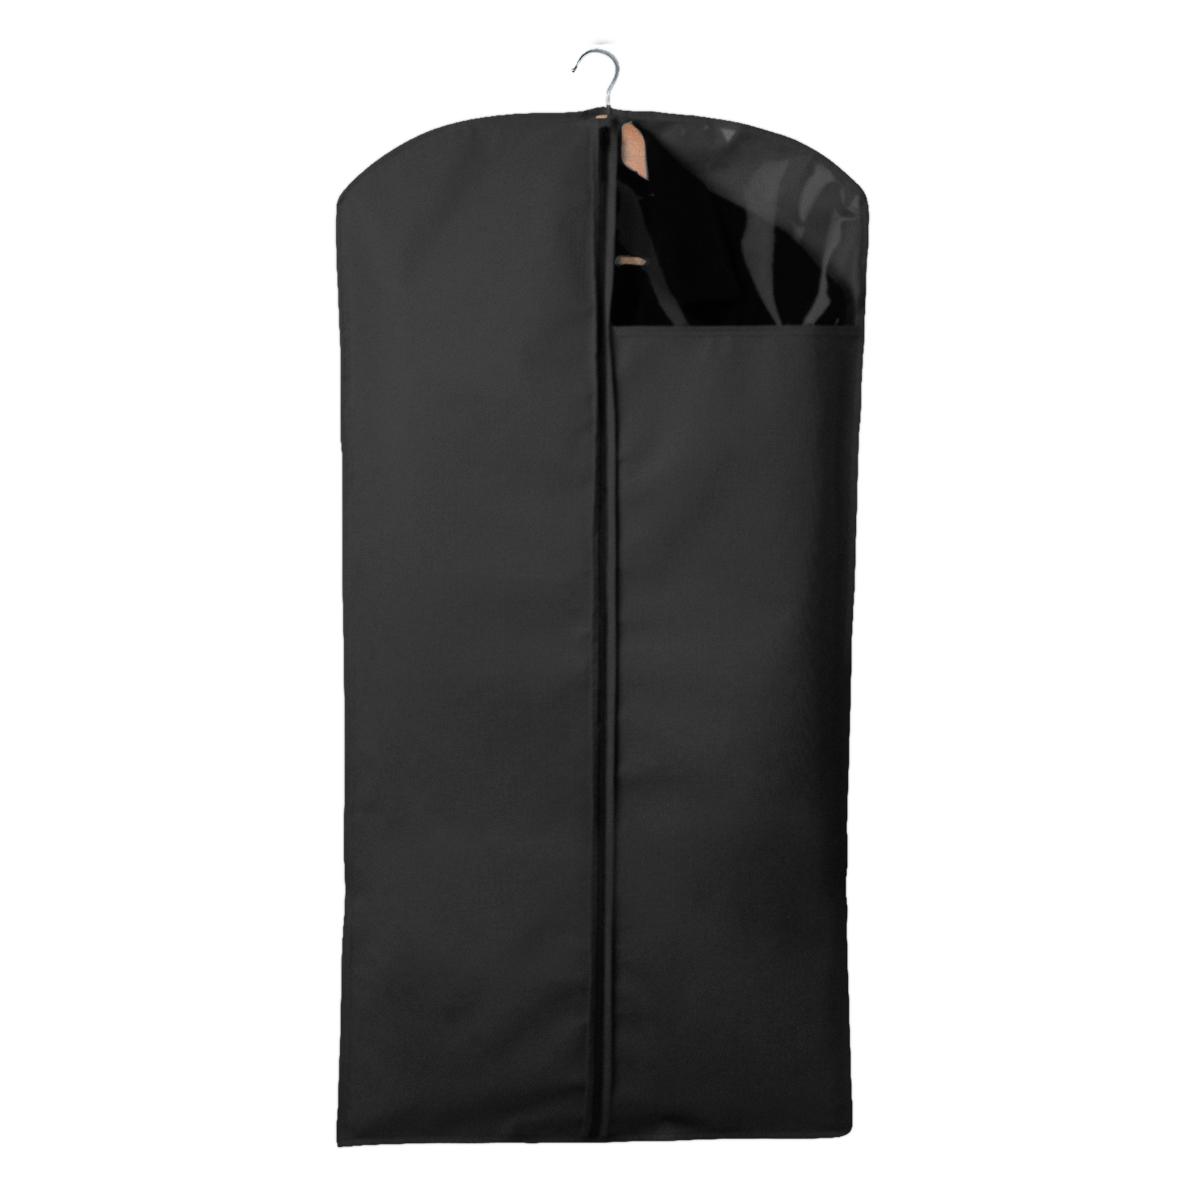 Чехол для одежды Miolla, с окошком, цвет: черный, 120 х 60 смRG-D31SЧехол для костюмов и платьев Miolla на застежке-молнии выполнен из высококачественного нетканого материала. Прозрачное полиэтиленовое окошко позволяет видеть содержимое чехла. Подходит для длительного хранения вещей.Чехол обеспечивает вашей одежде надежную защиту от влажности, повреждений и грязи при транспортировке, от запыления при хранении и проникновения моли. Чехол обладает водоотталкивающими свойствами, а также позволяет воздуху свободно поступать внутрь вещей, обеспечивая их кондиционирование. Размер чехла: 120 х 60 см.